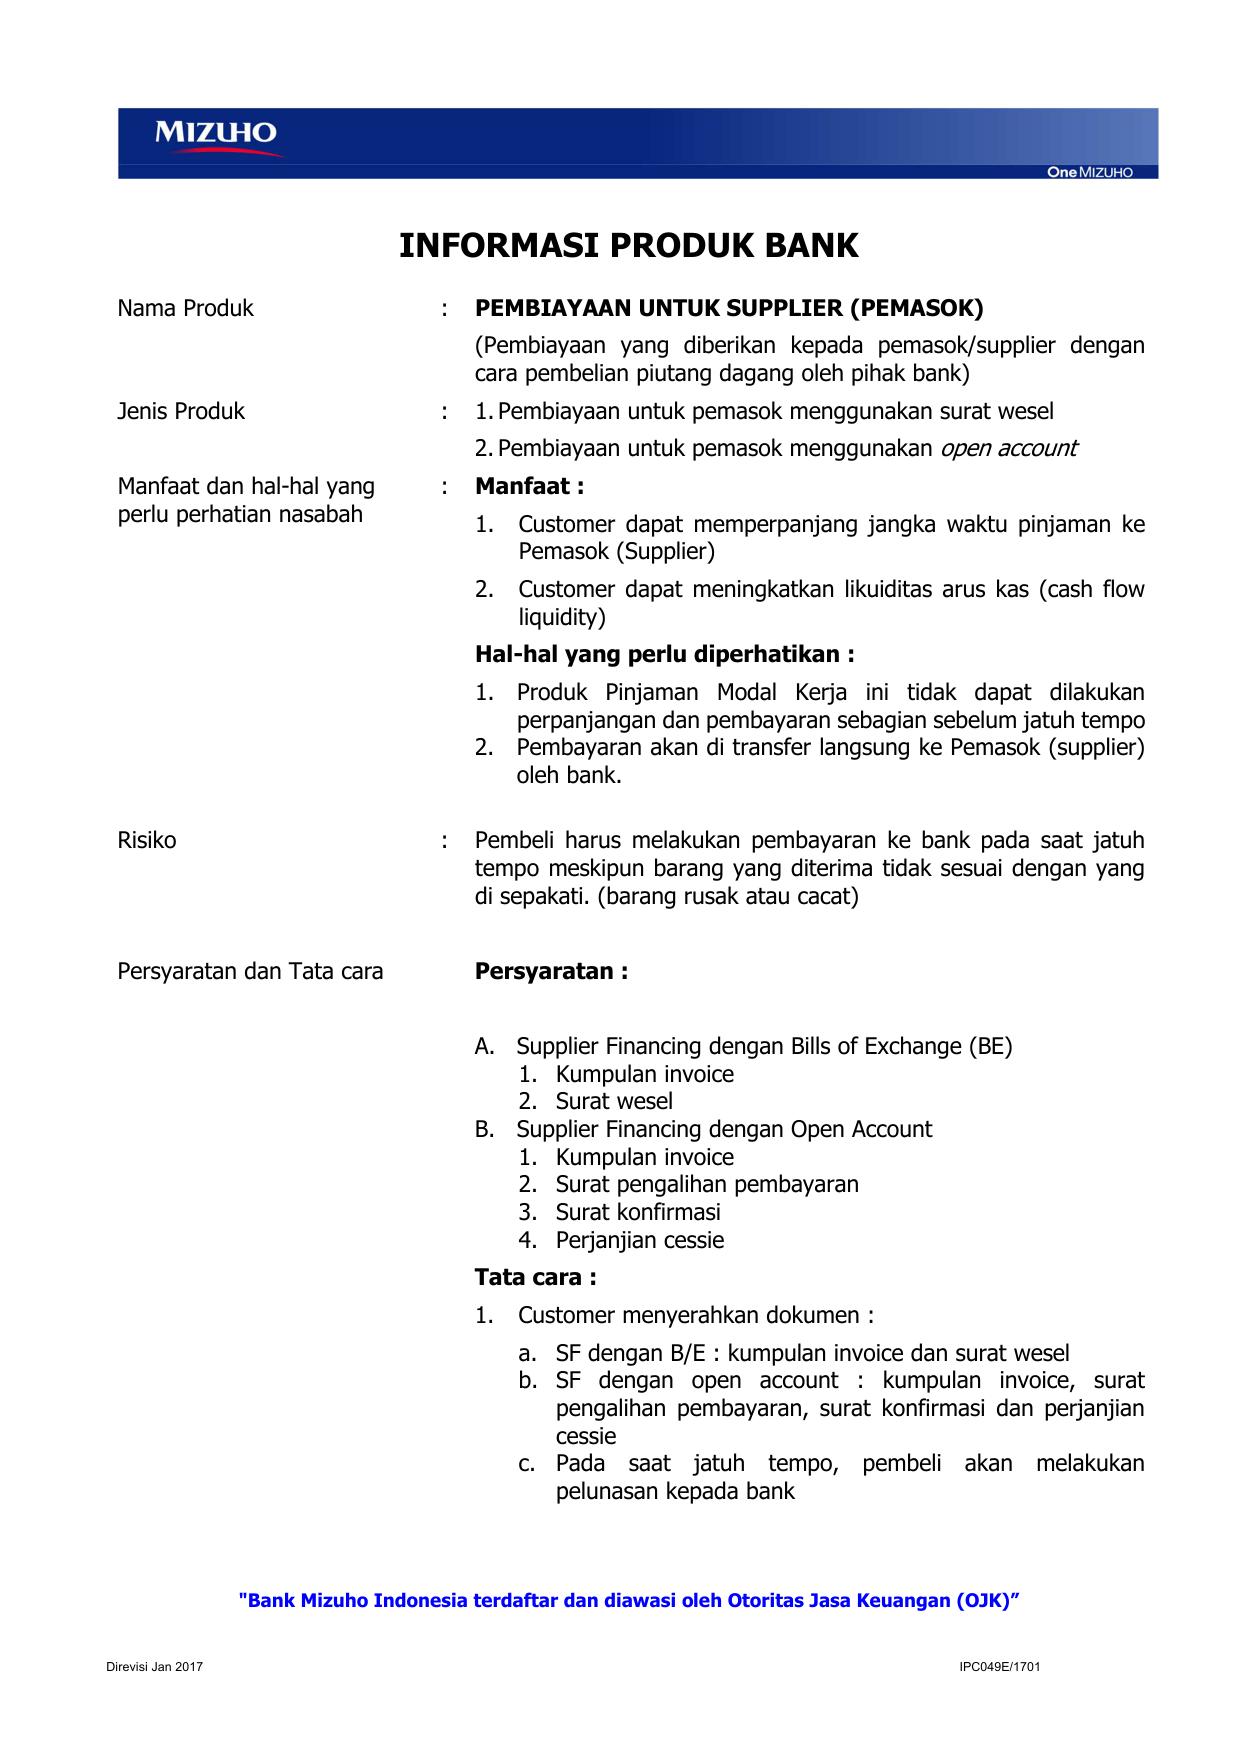 Ipc049ipembiayaan Untuk Supplier Pemasok